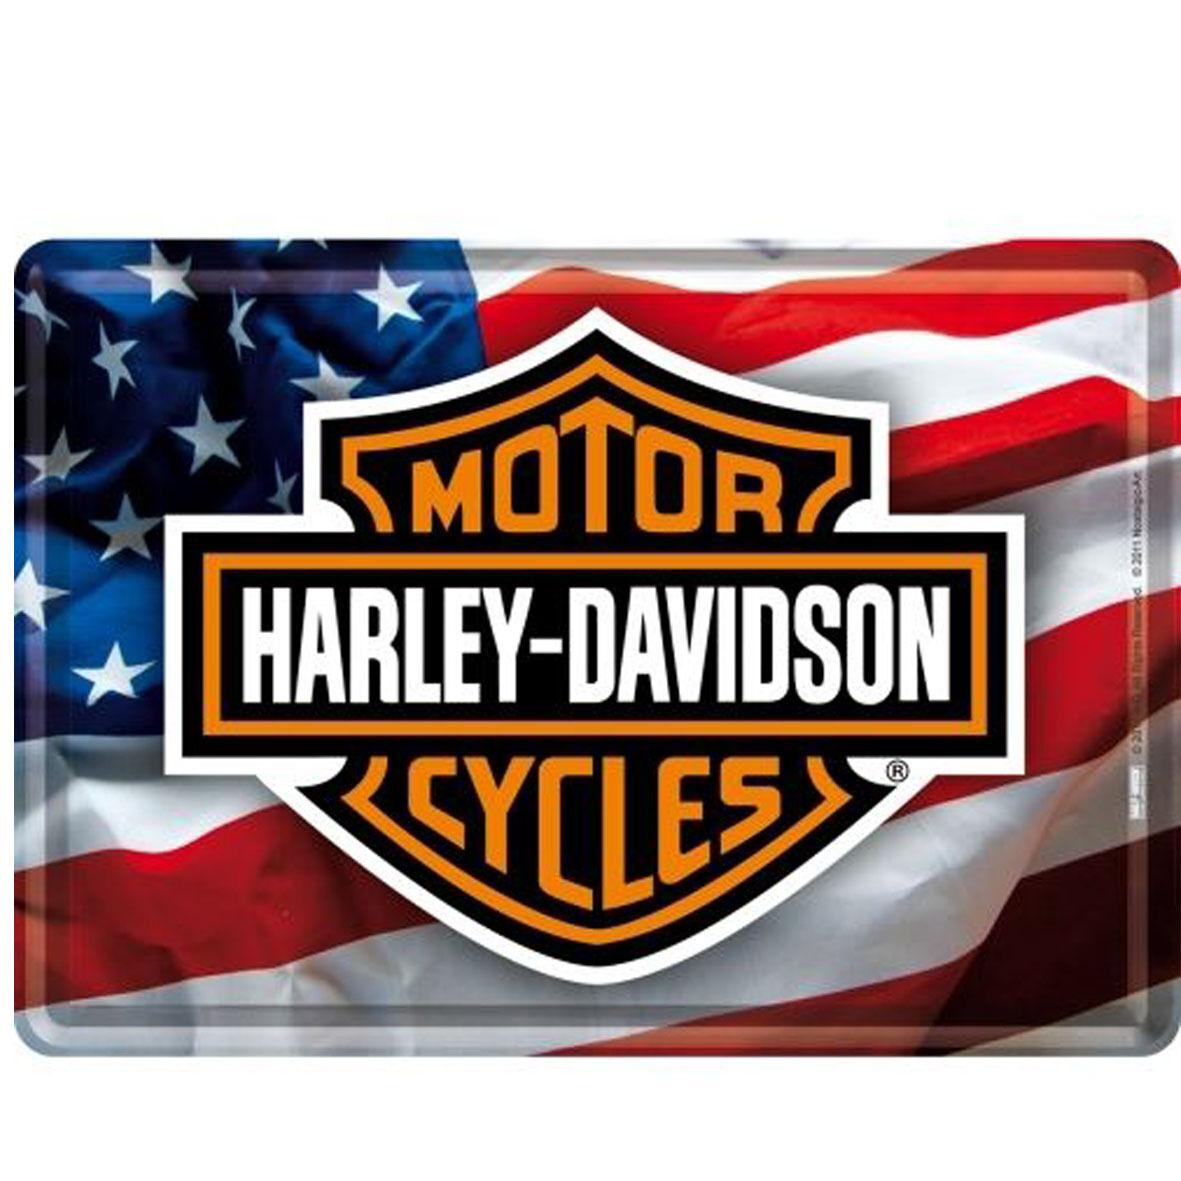 HARLEY DAVIDSON cartolina metal card in latta bandiera USA con stemma 10x14 cm